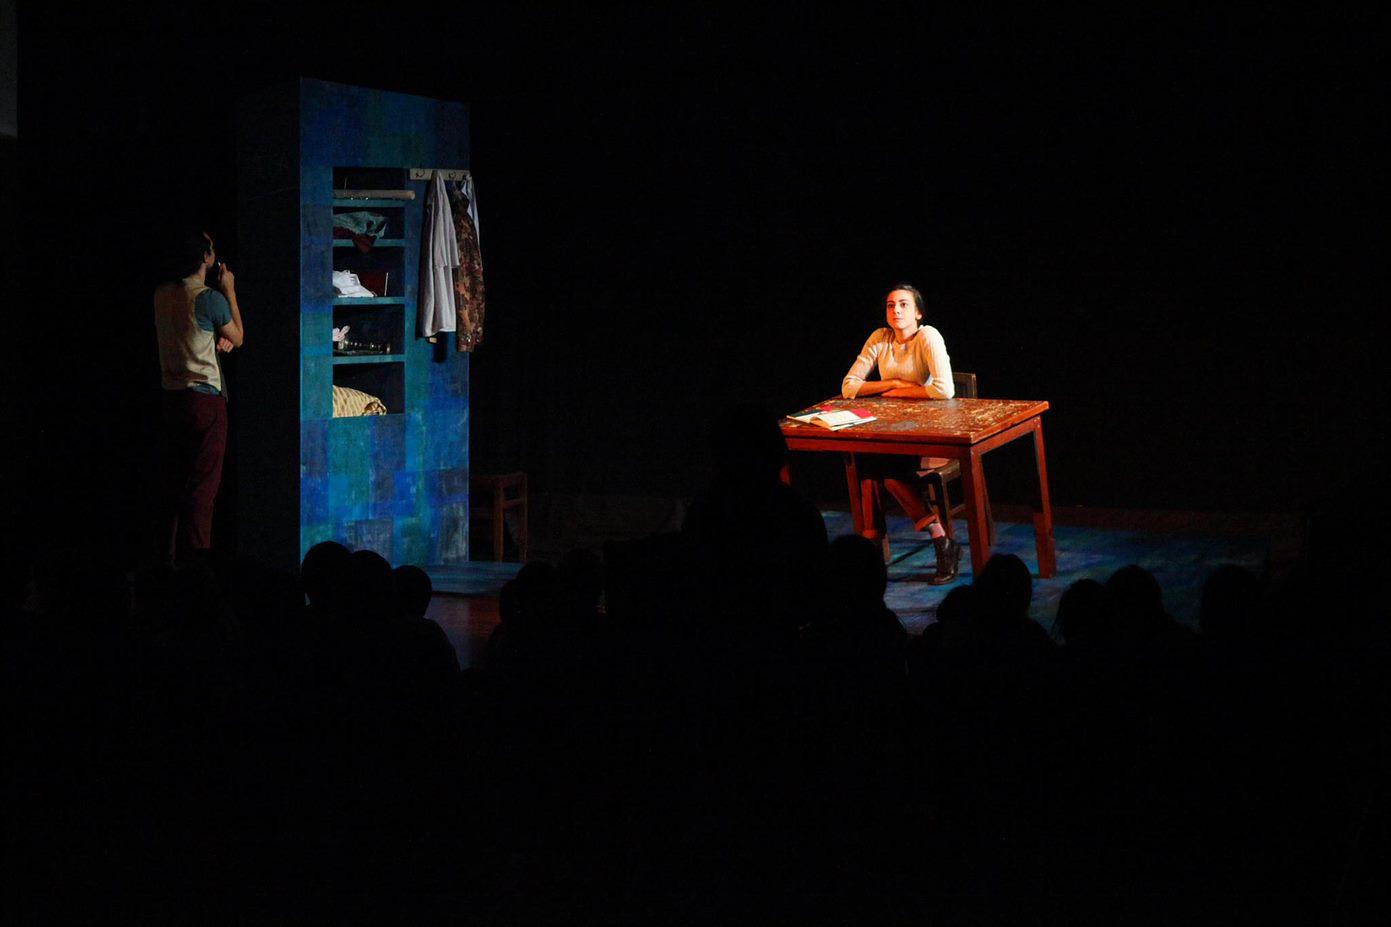 fotografia de cena do espetáculo Mesa, onde vemos a atriz sentada a uma mesa iluminada com o restante palco às escuras.